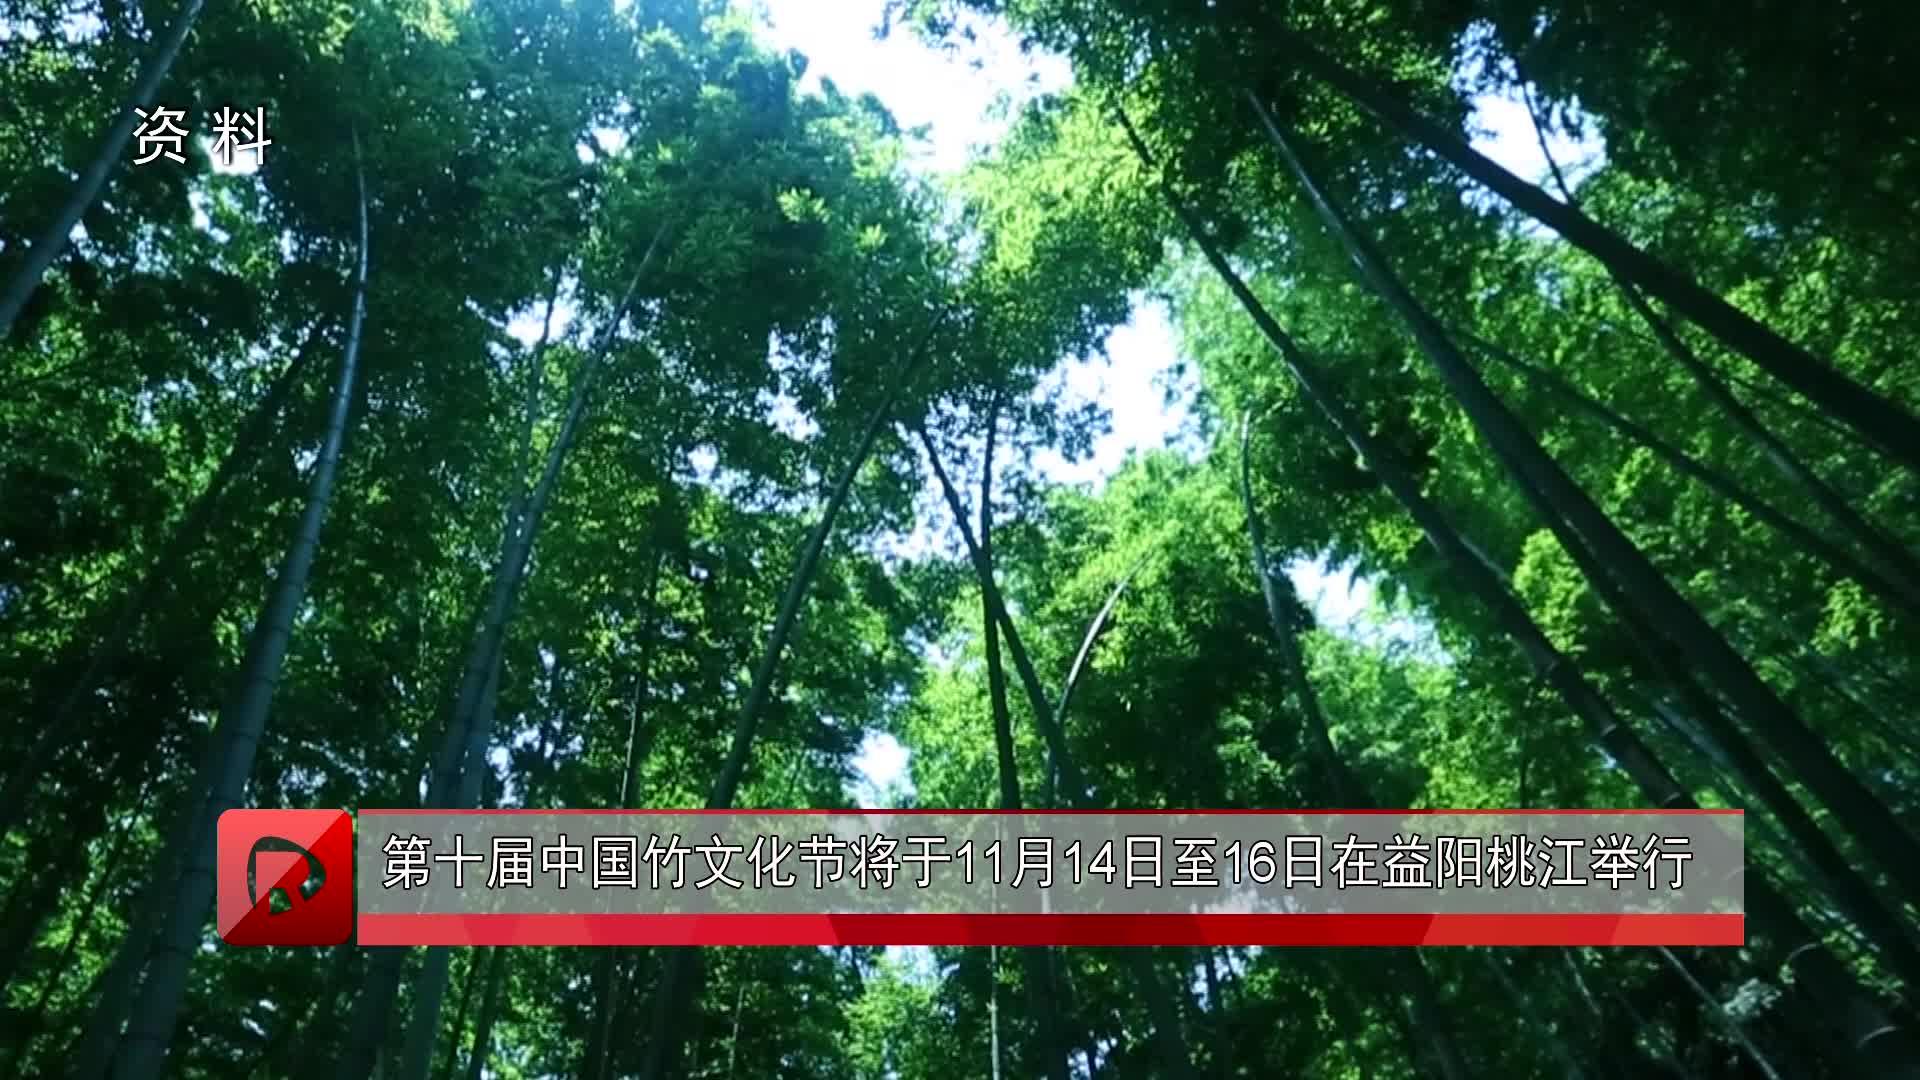 第十届中国竹文化节将于11月14日至16日在益阳桃江举行